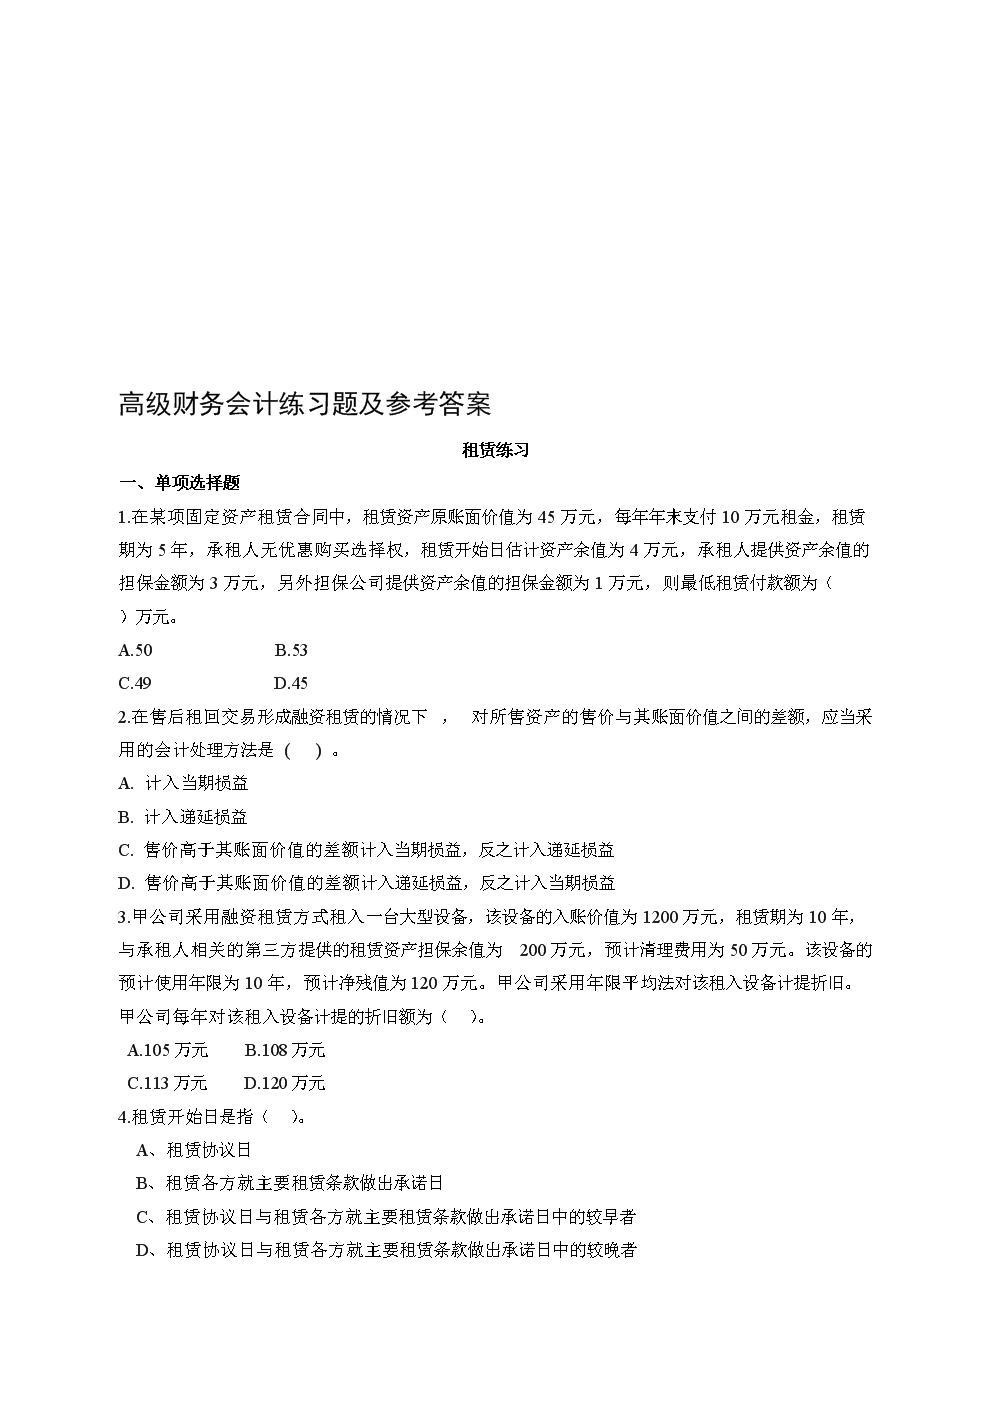 高级财务会计练习题及参考答案.doc